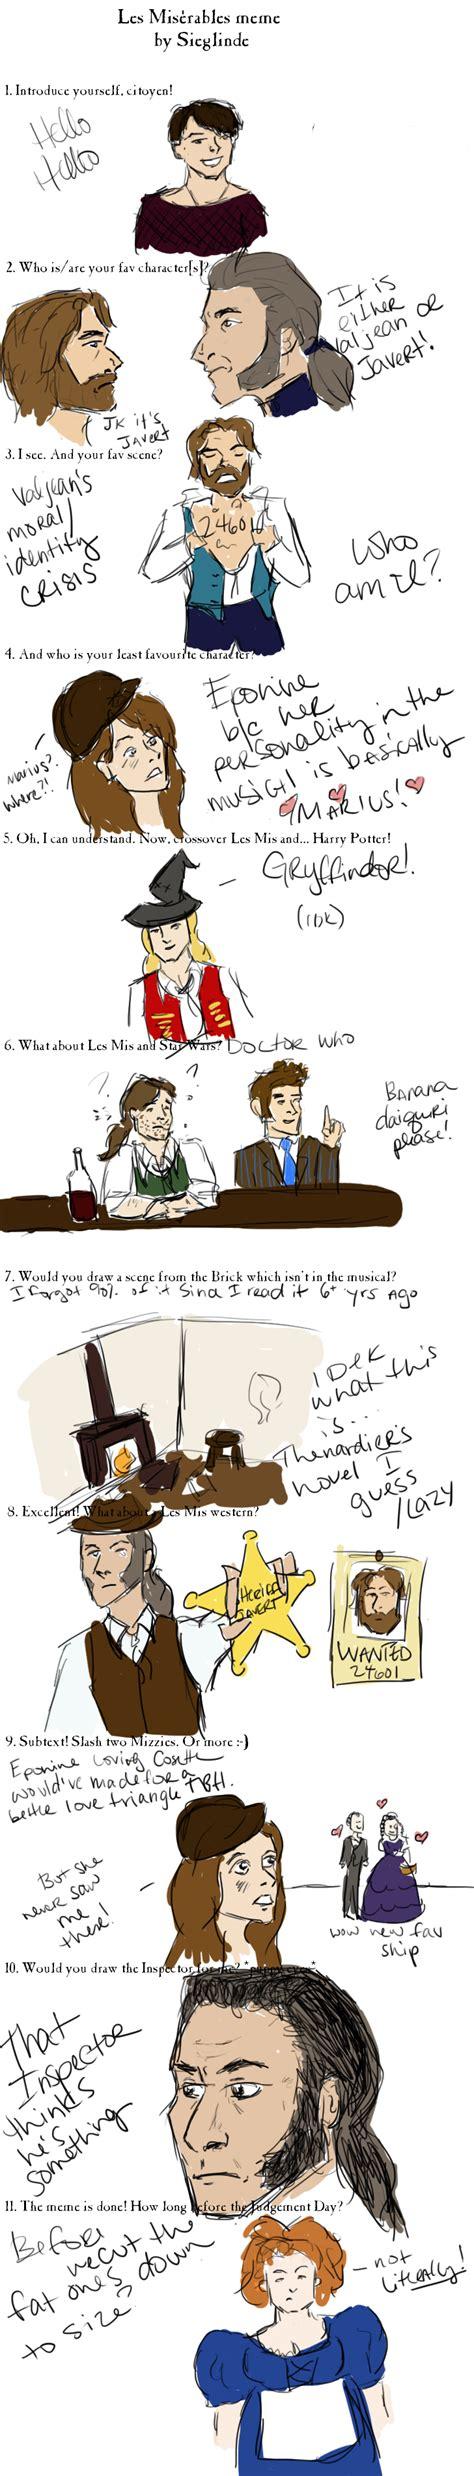 Le Memes - les miserables meme by euphoricapathy on deviantart